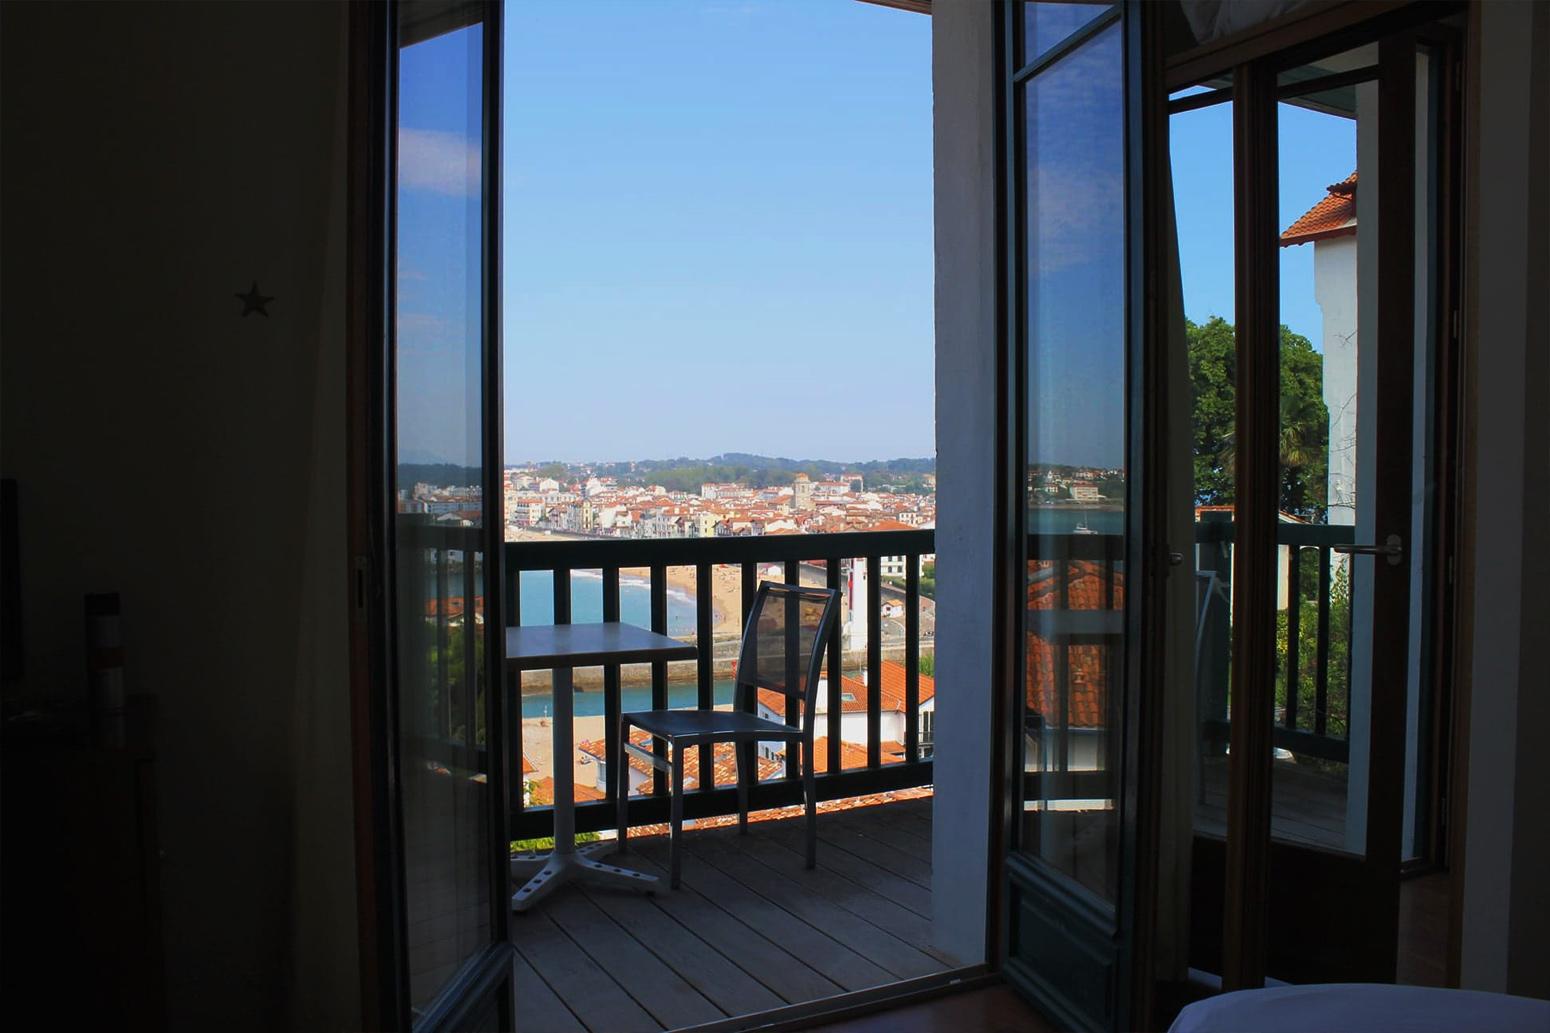 Les chambres de l'hôtel Agur Deneri